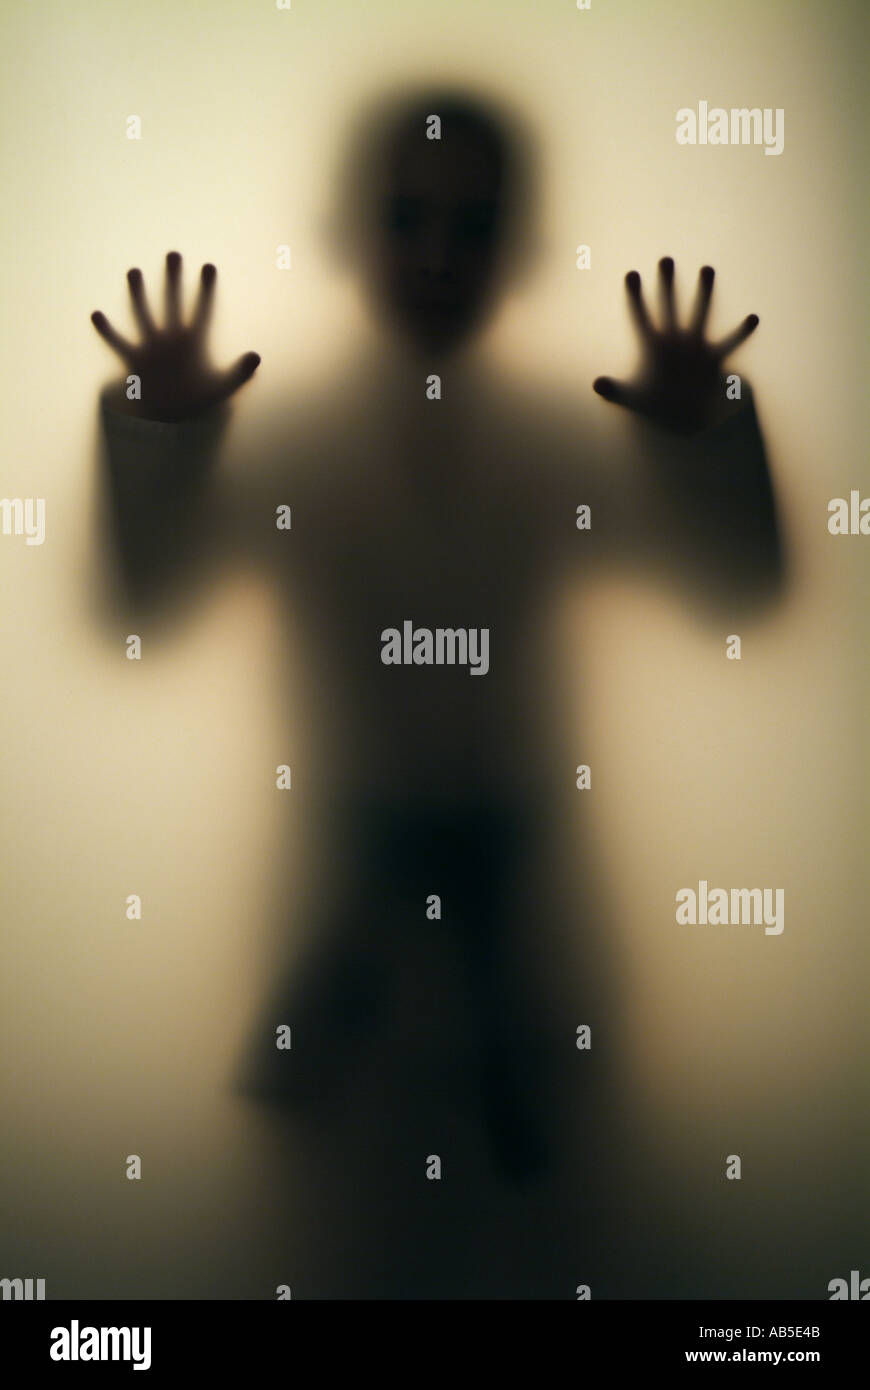 Boy 7, 8, 9, 10, 11, 12, 13, 14 ans figure derrière la paroi transparente Banque D'Images